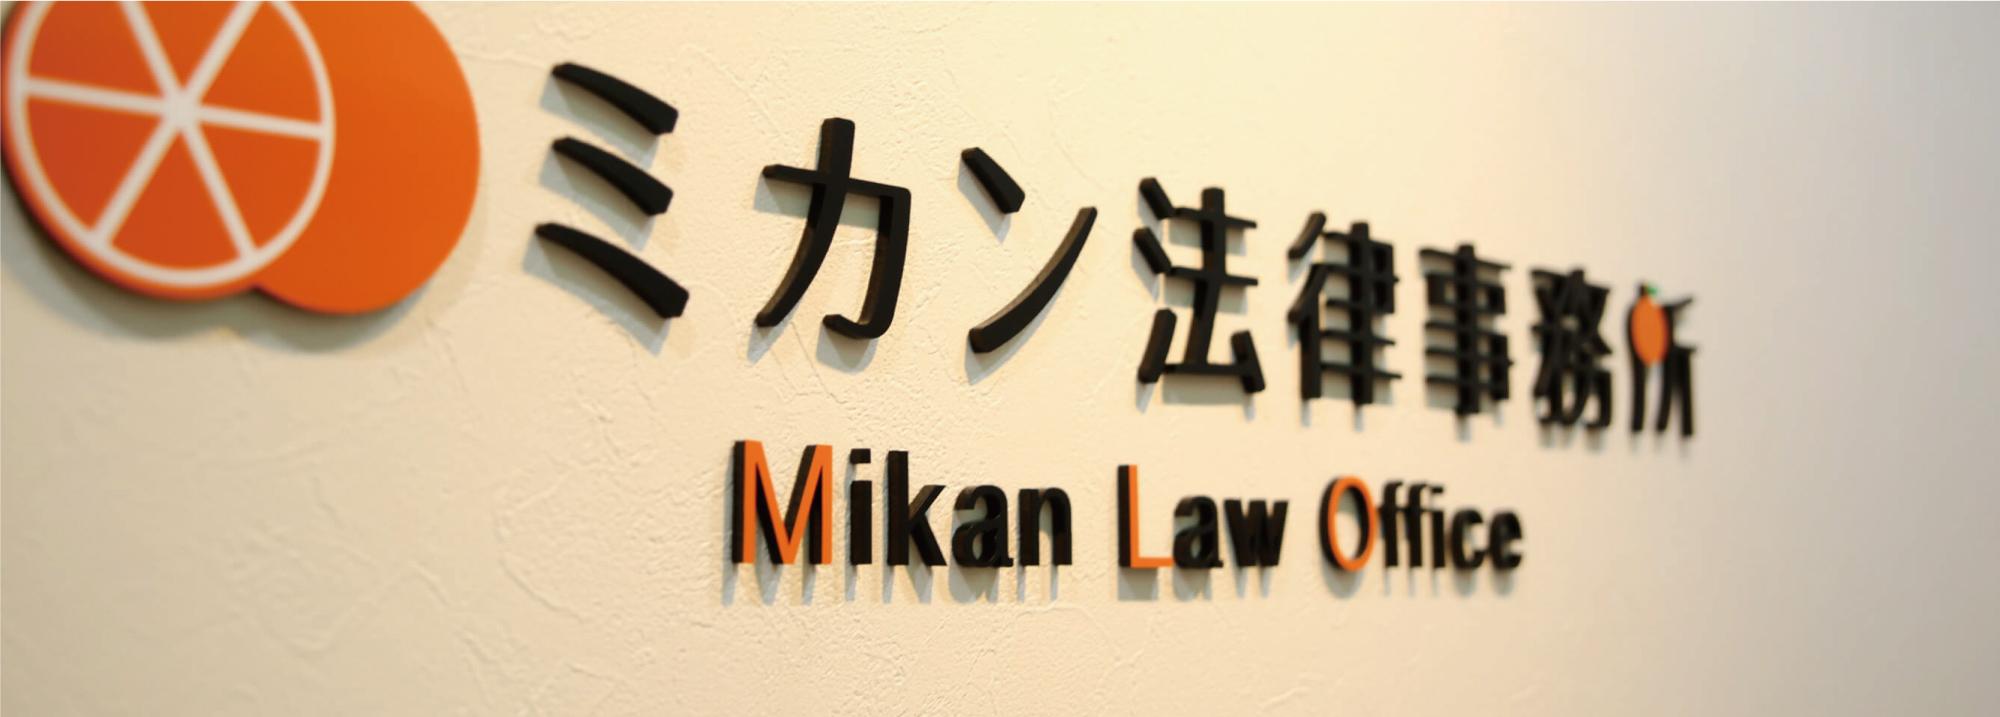 ミカン法律事務所について